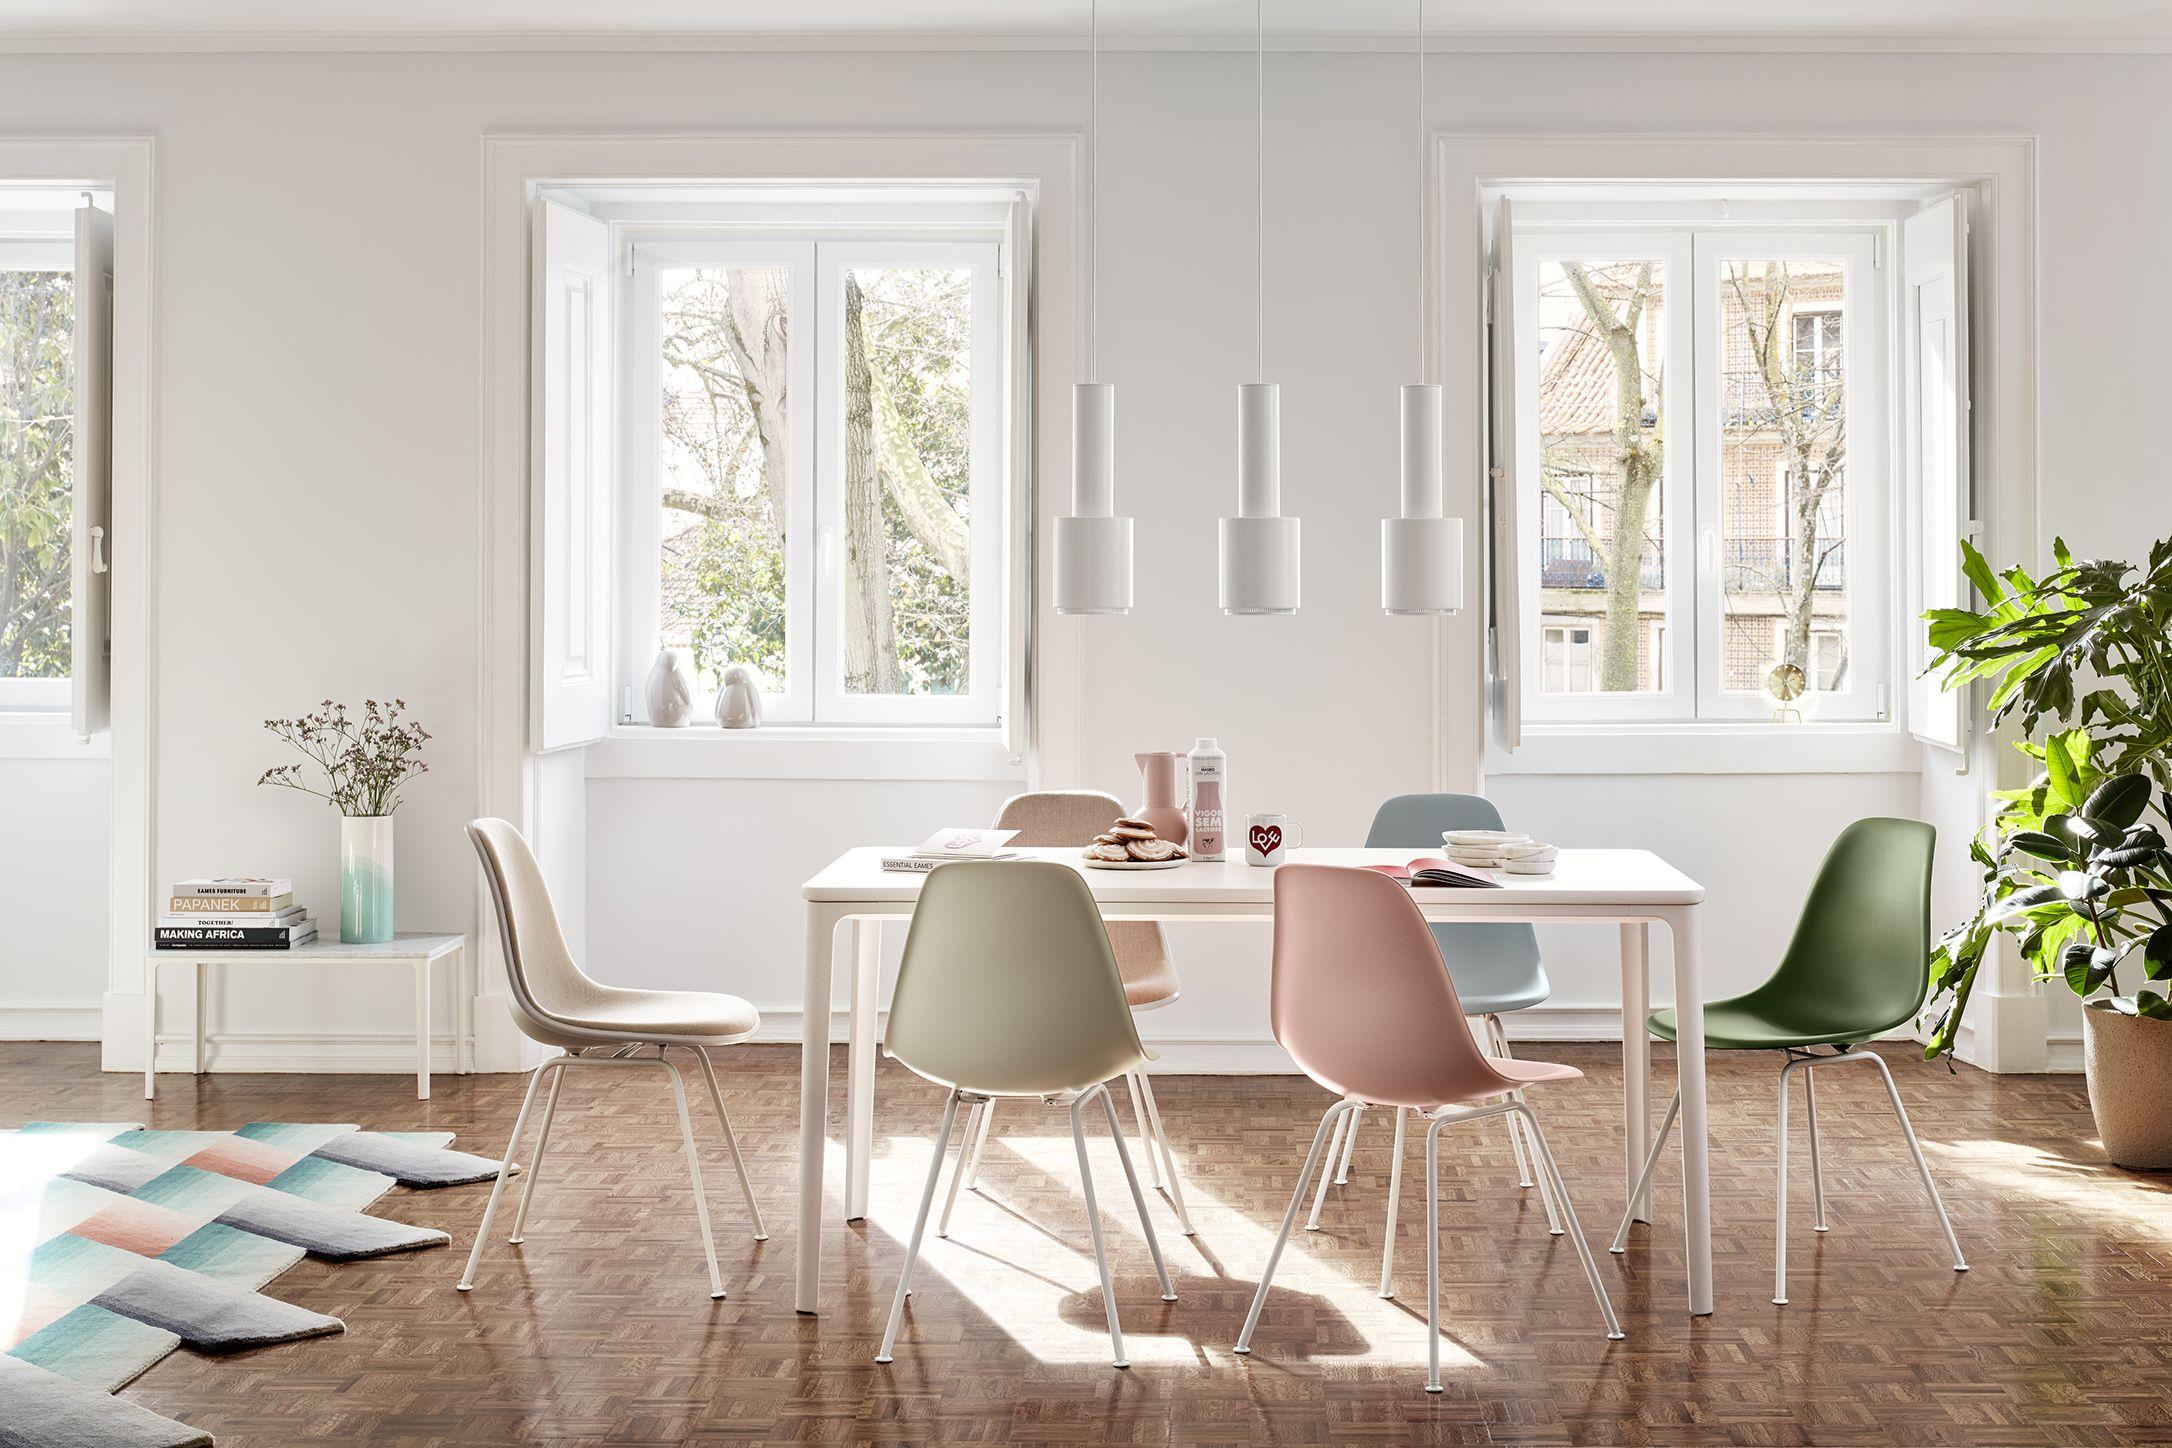 Sedie, sgabelli e tavoli di design in legno. Tredici Sedie Di Design Che Hanno Fatto La Storia